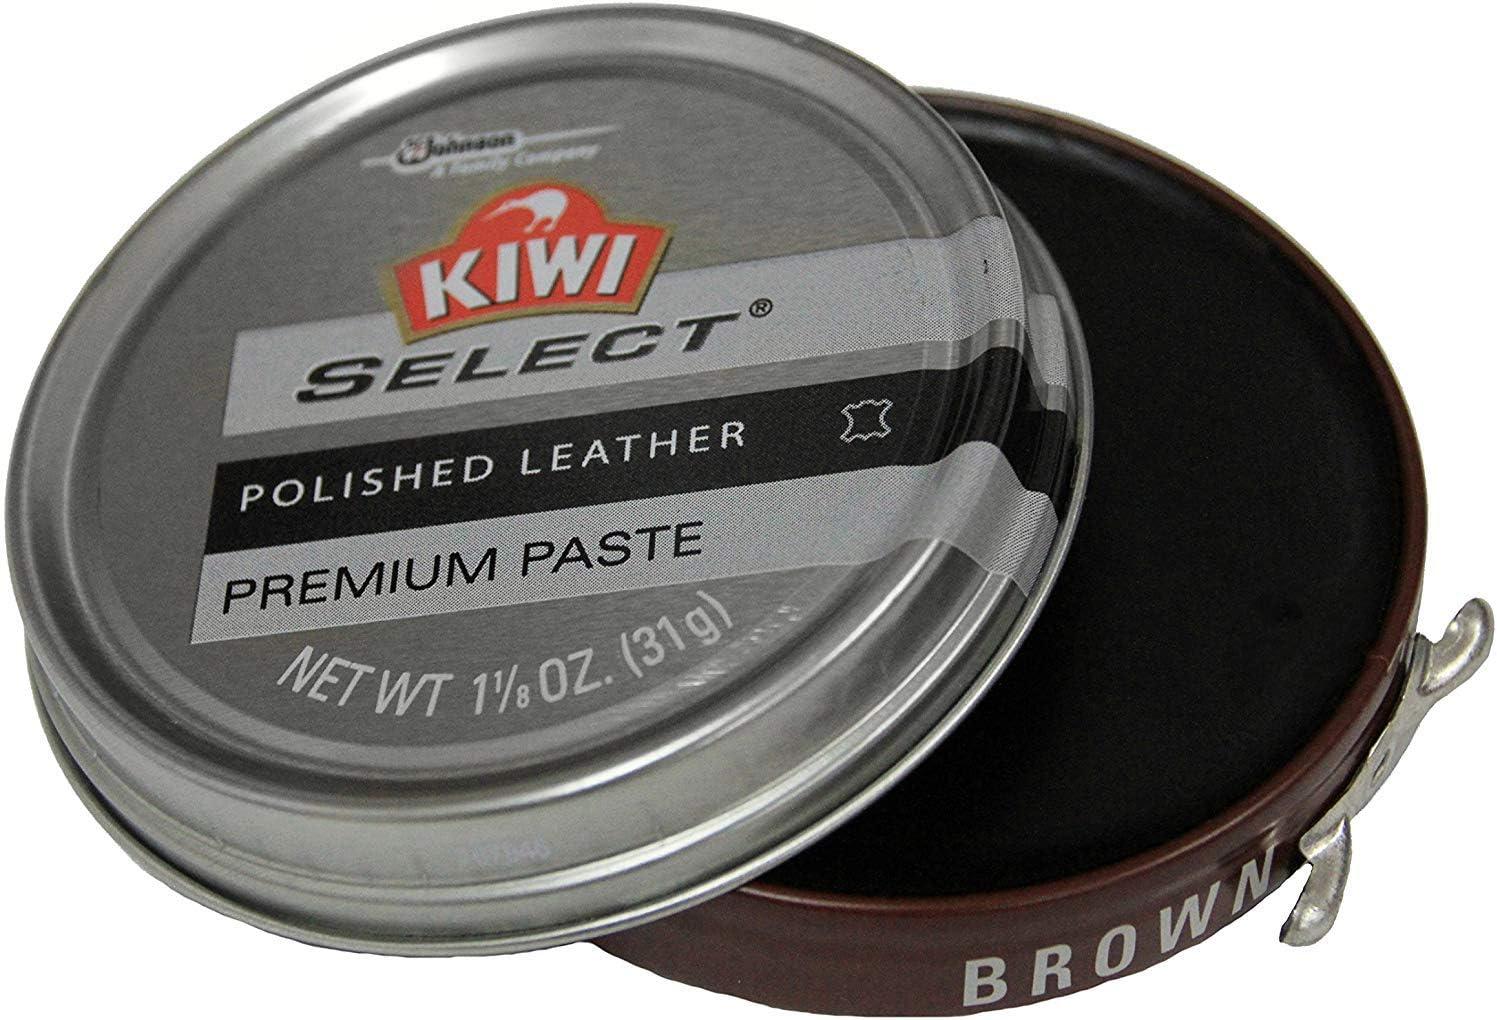 Kiwi SELECT Surprise price Premium Paste - 437-001 31 Black Gram Max 86% OFF